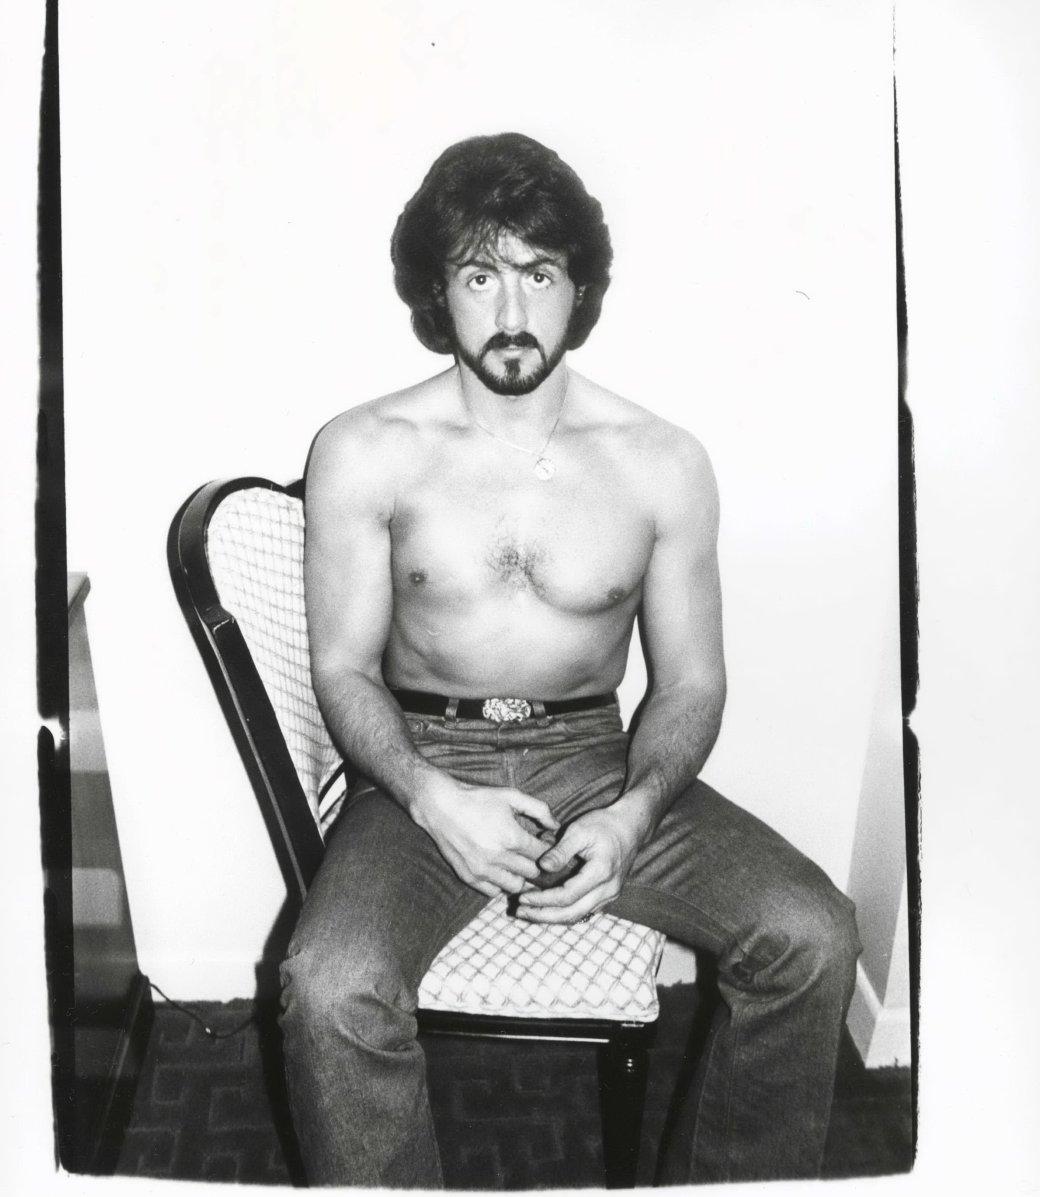 Сильвестру Сталлоне сегодня исполнилось 70 - Изображение 15